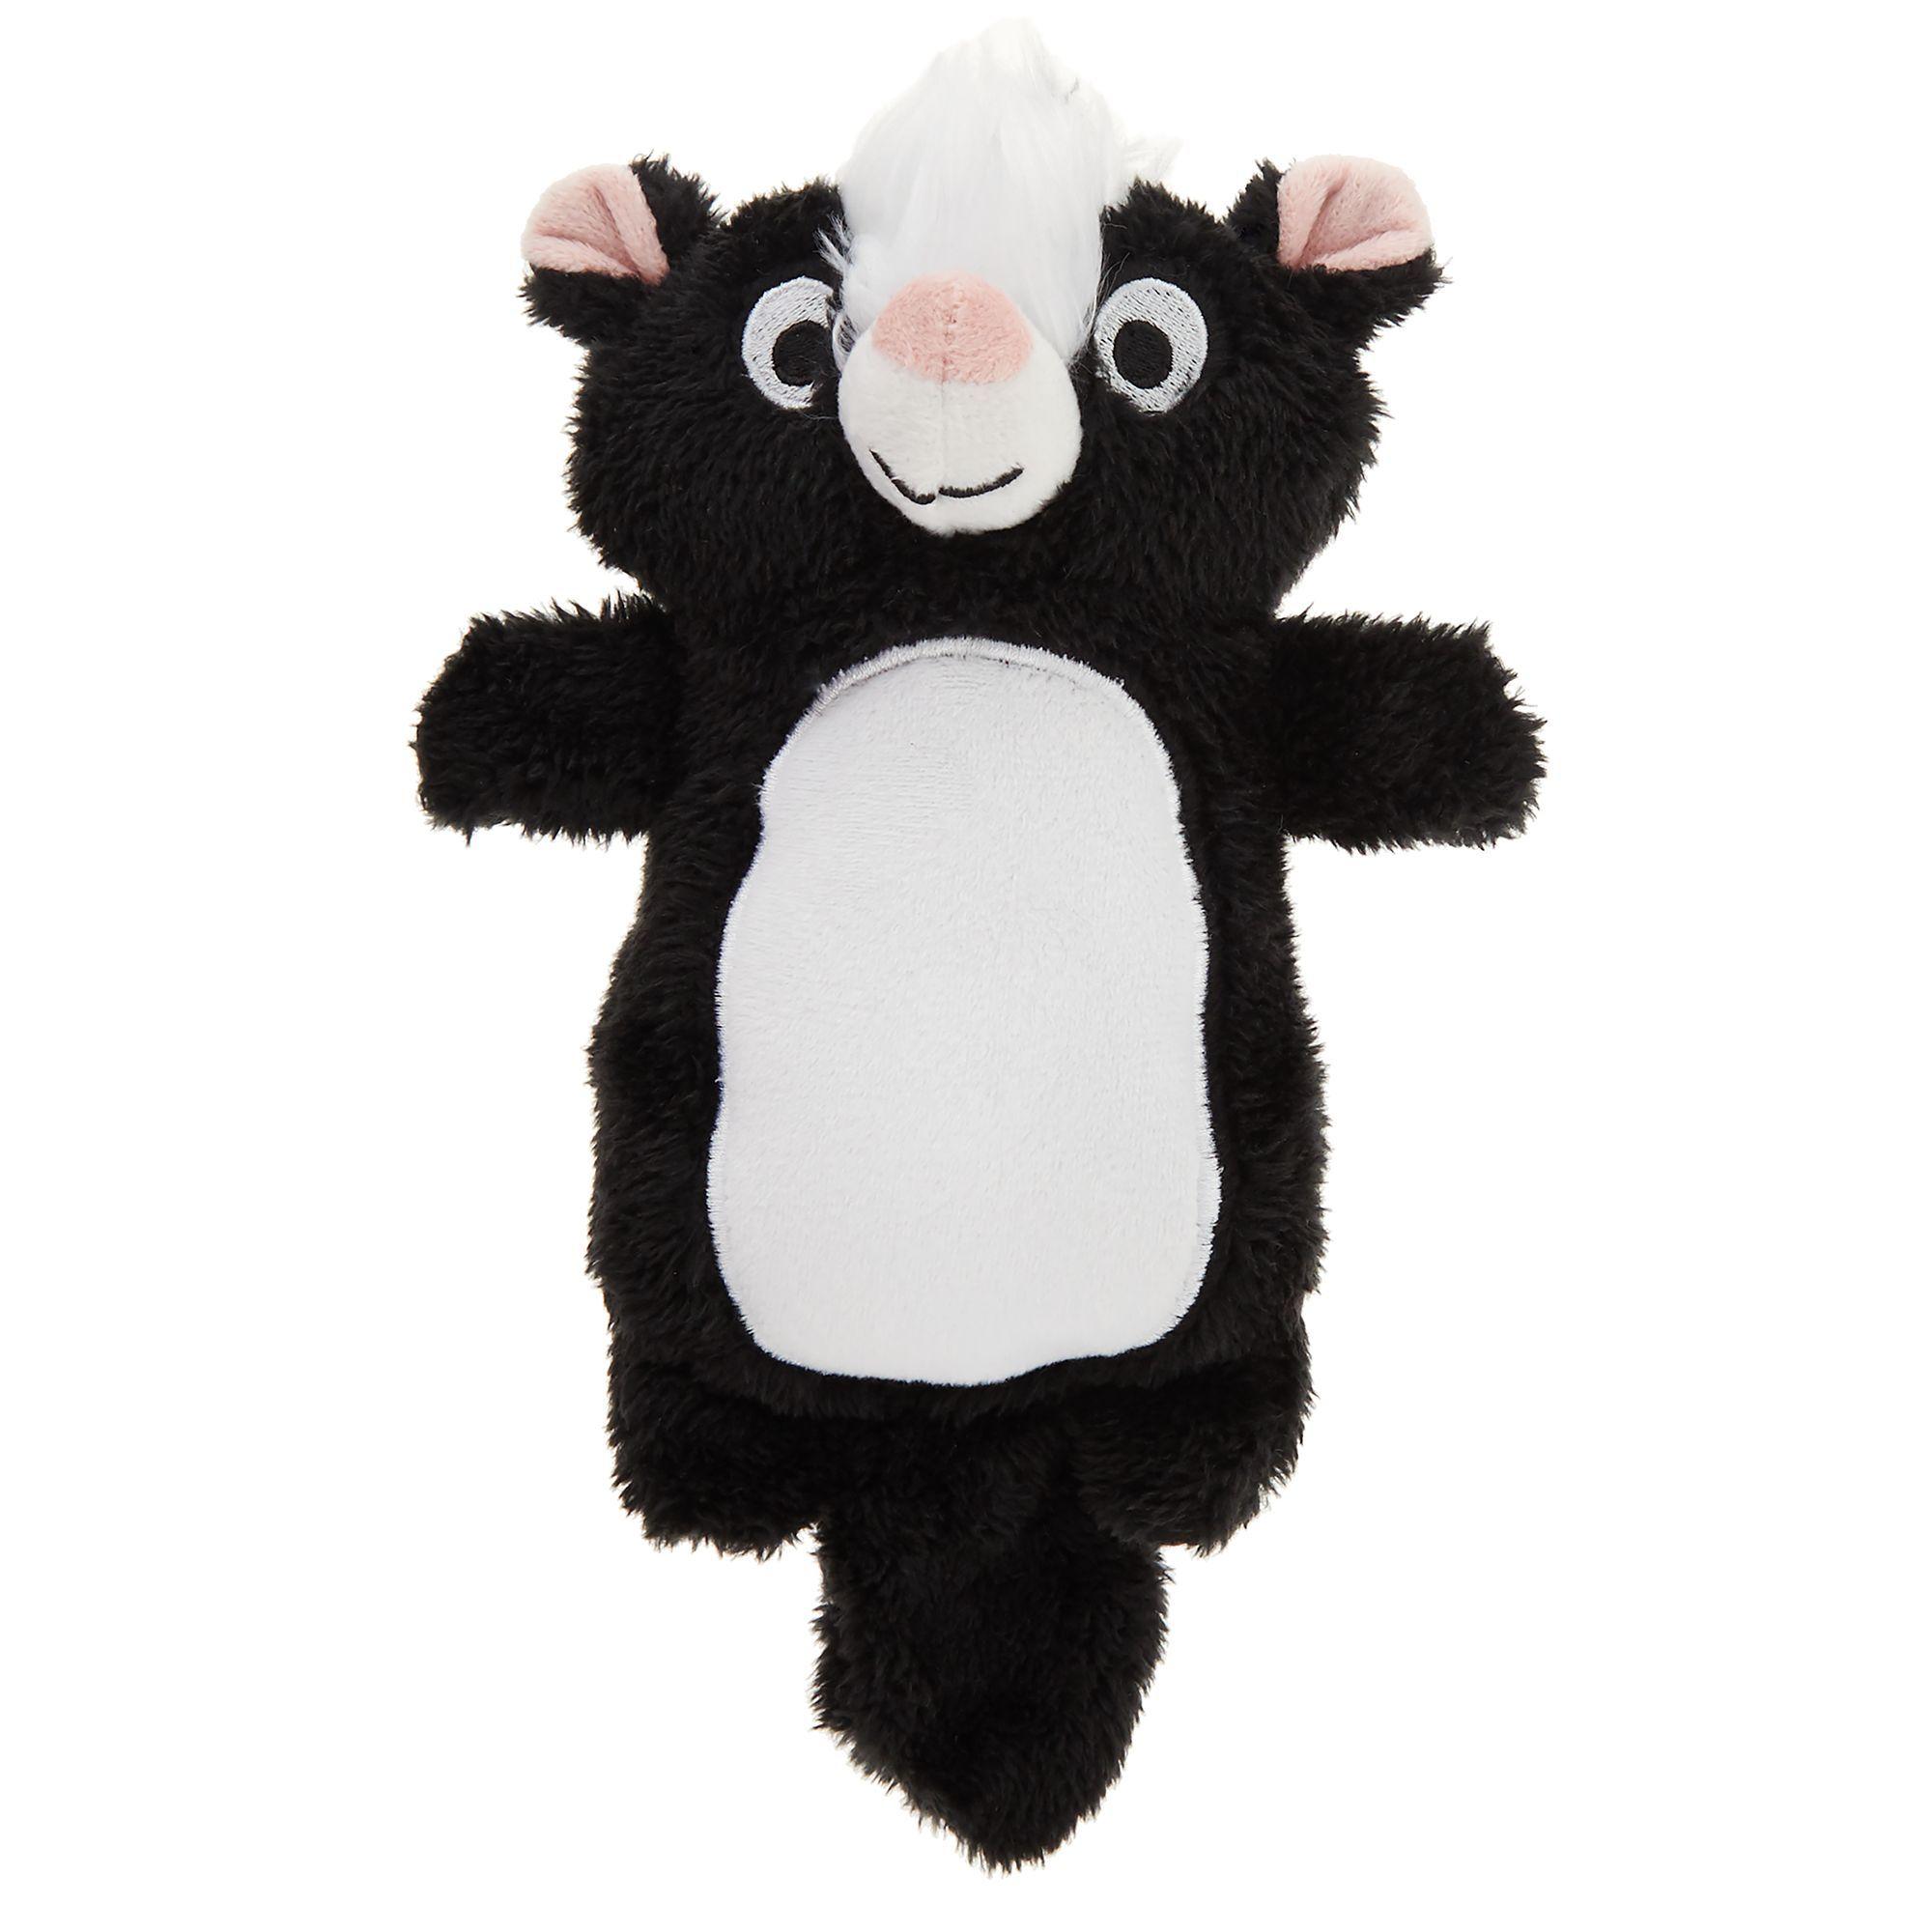 Top Paw Skunk Dog Toy Plush Squeaker Black Pink White Dog